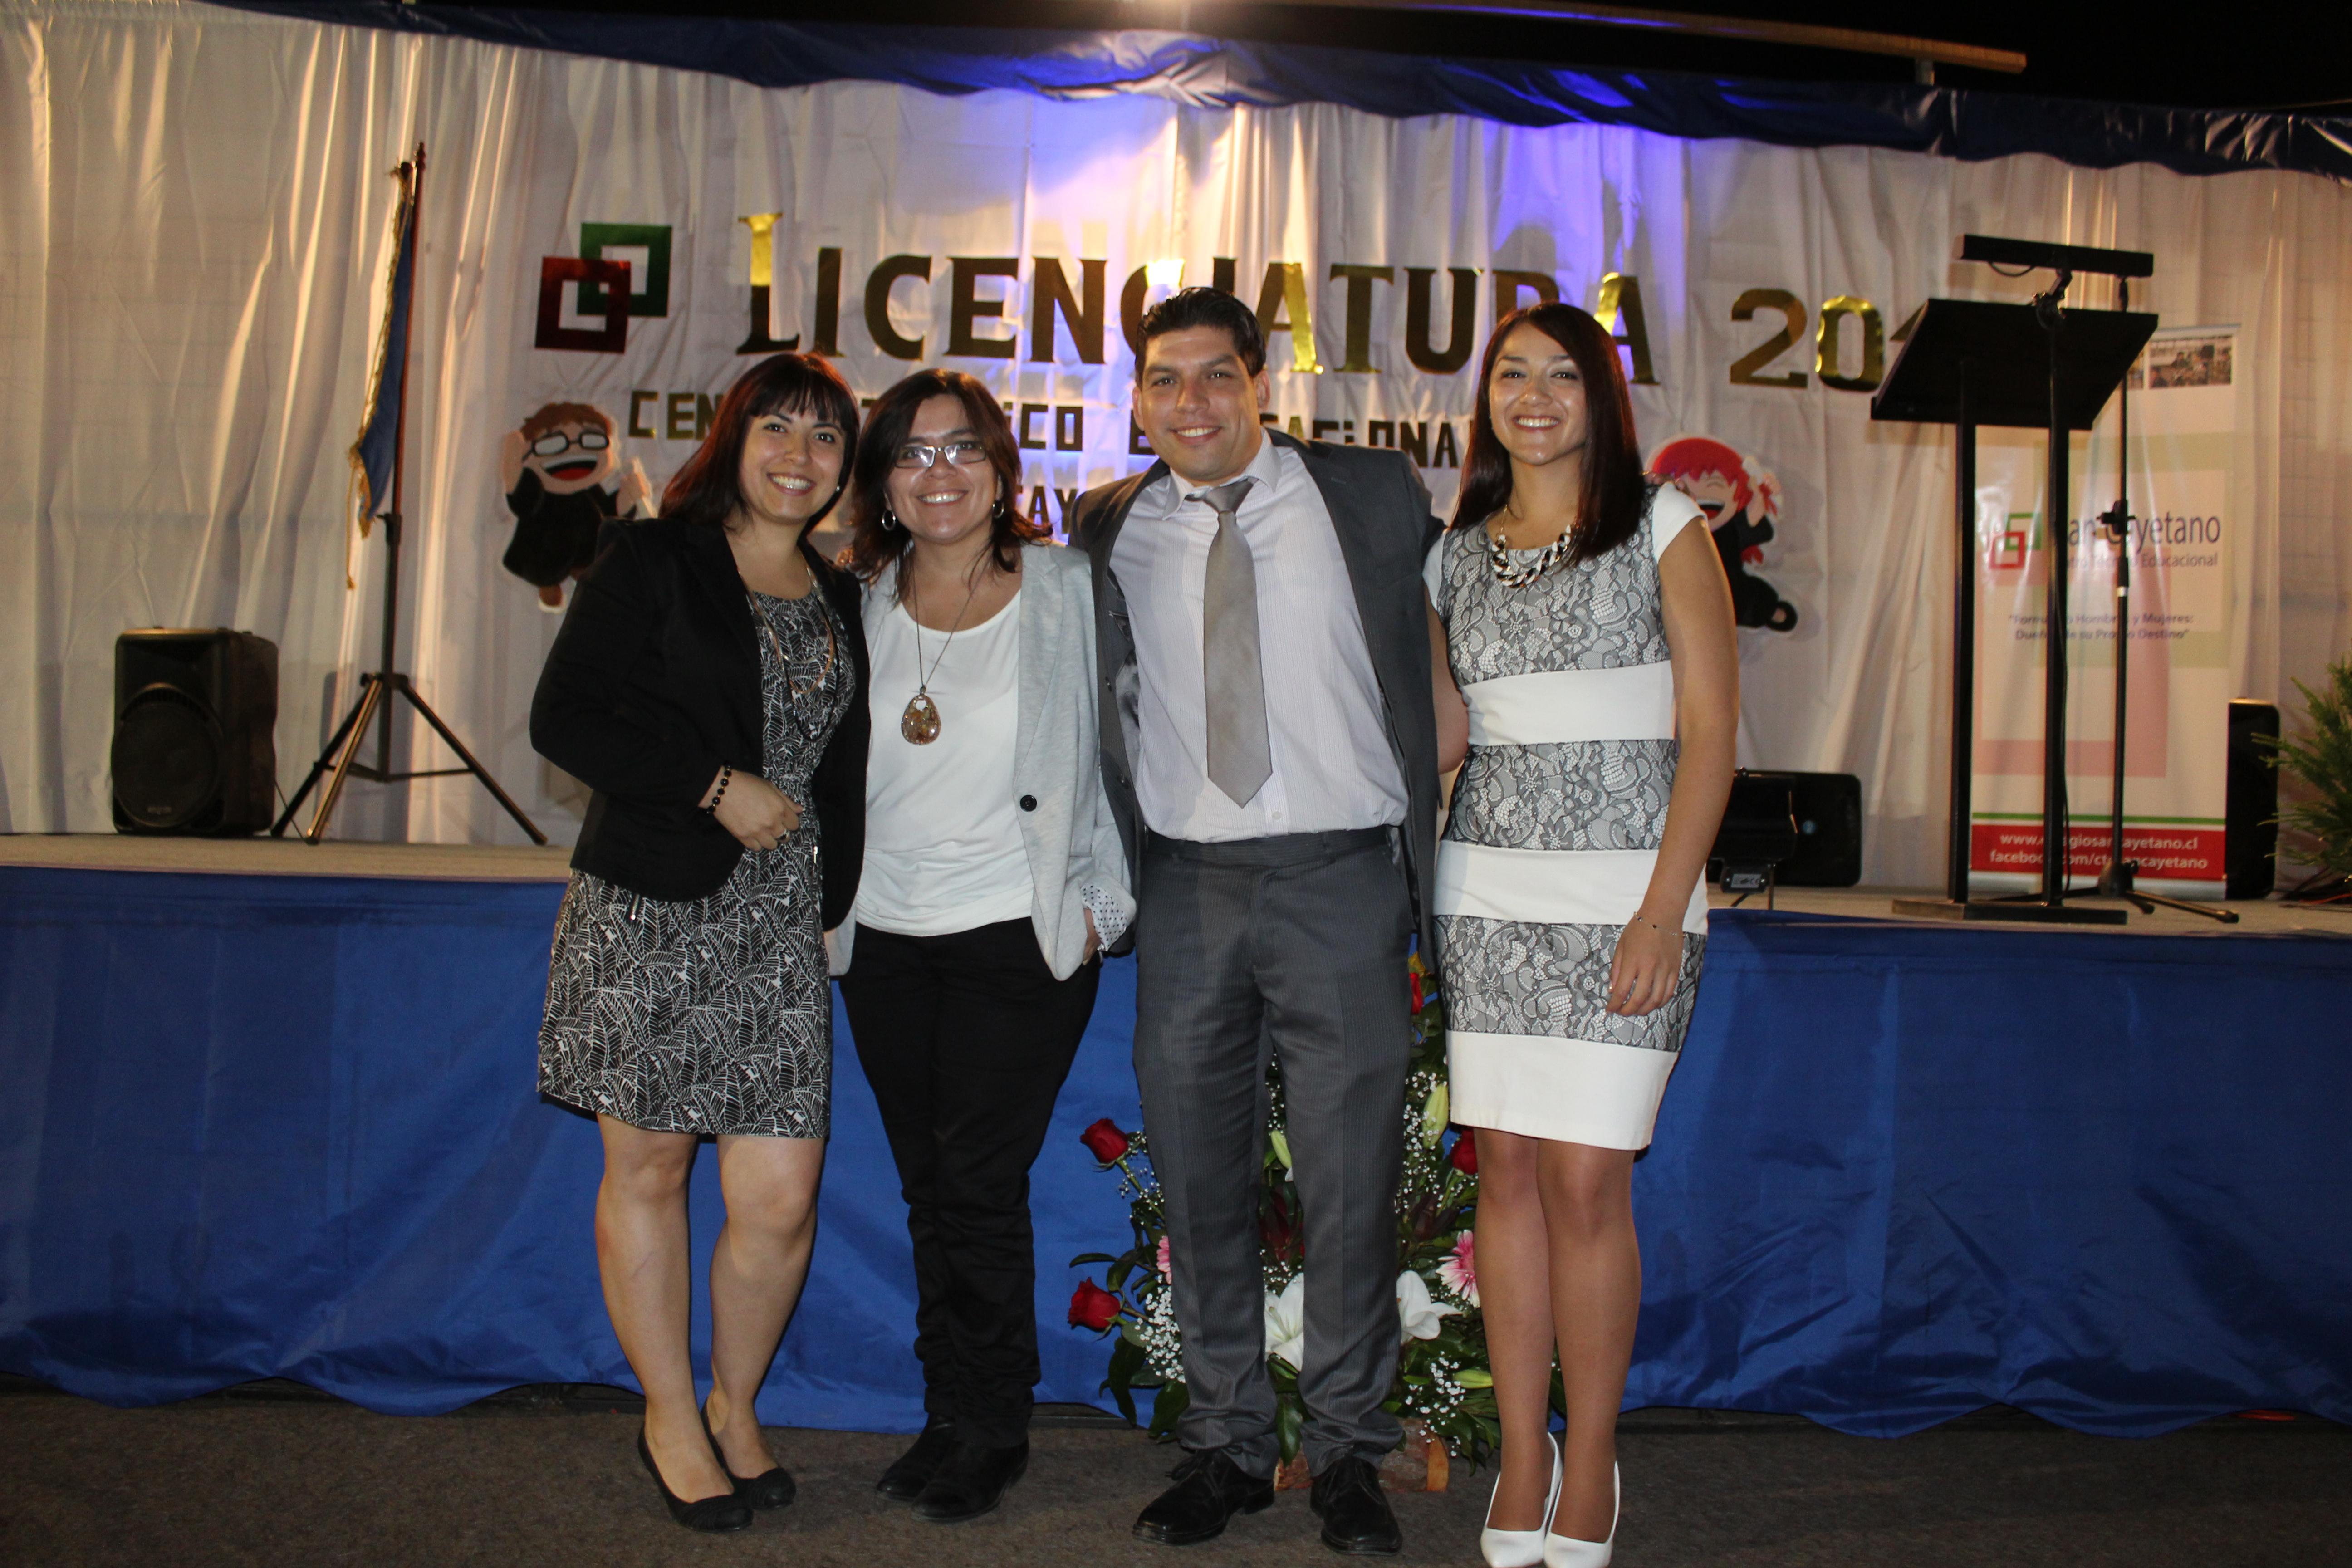 Licenciatura 2014 104.JPG